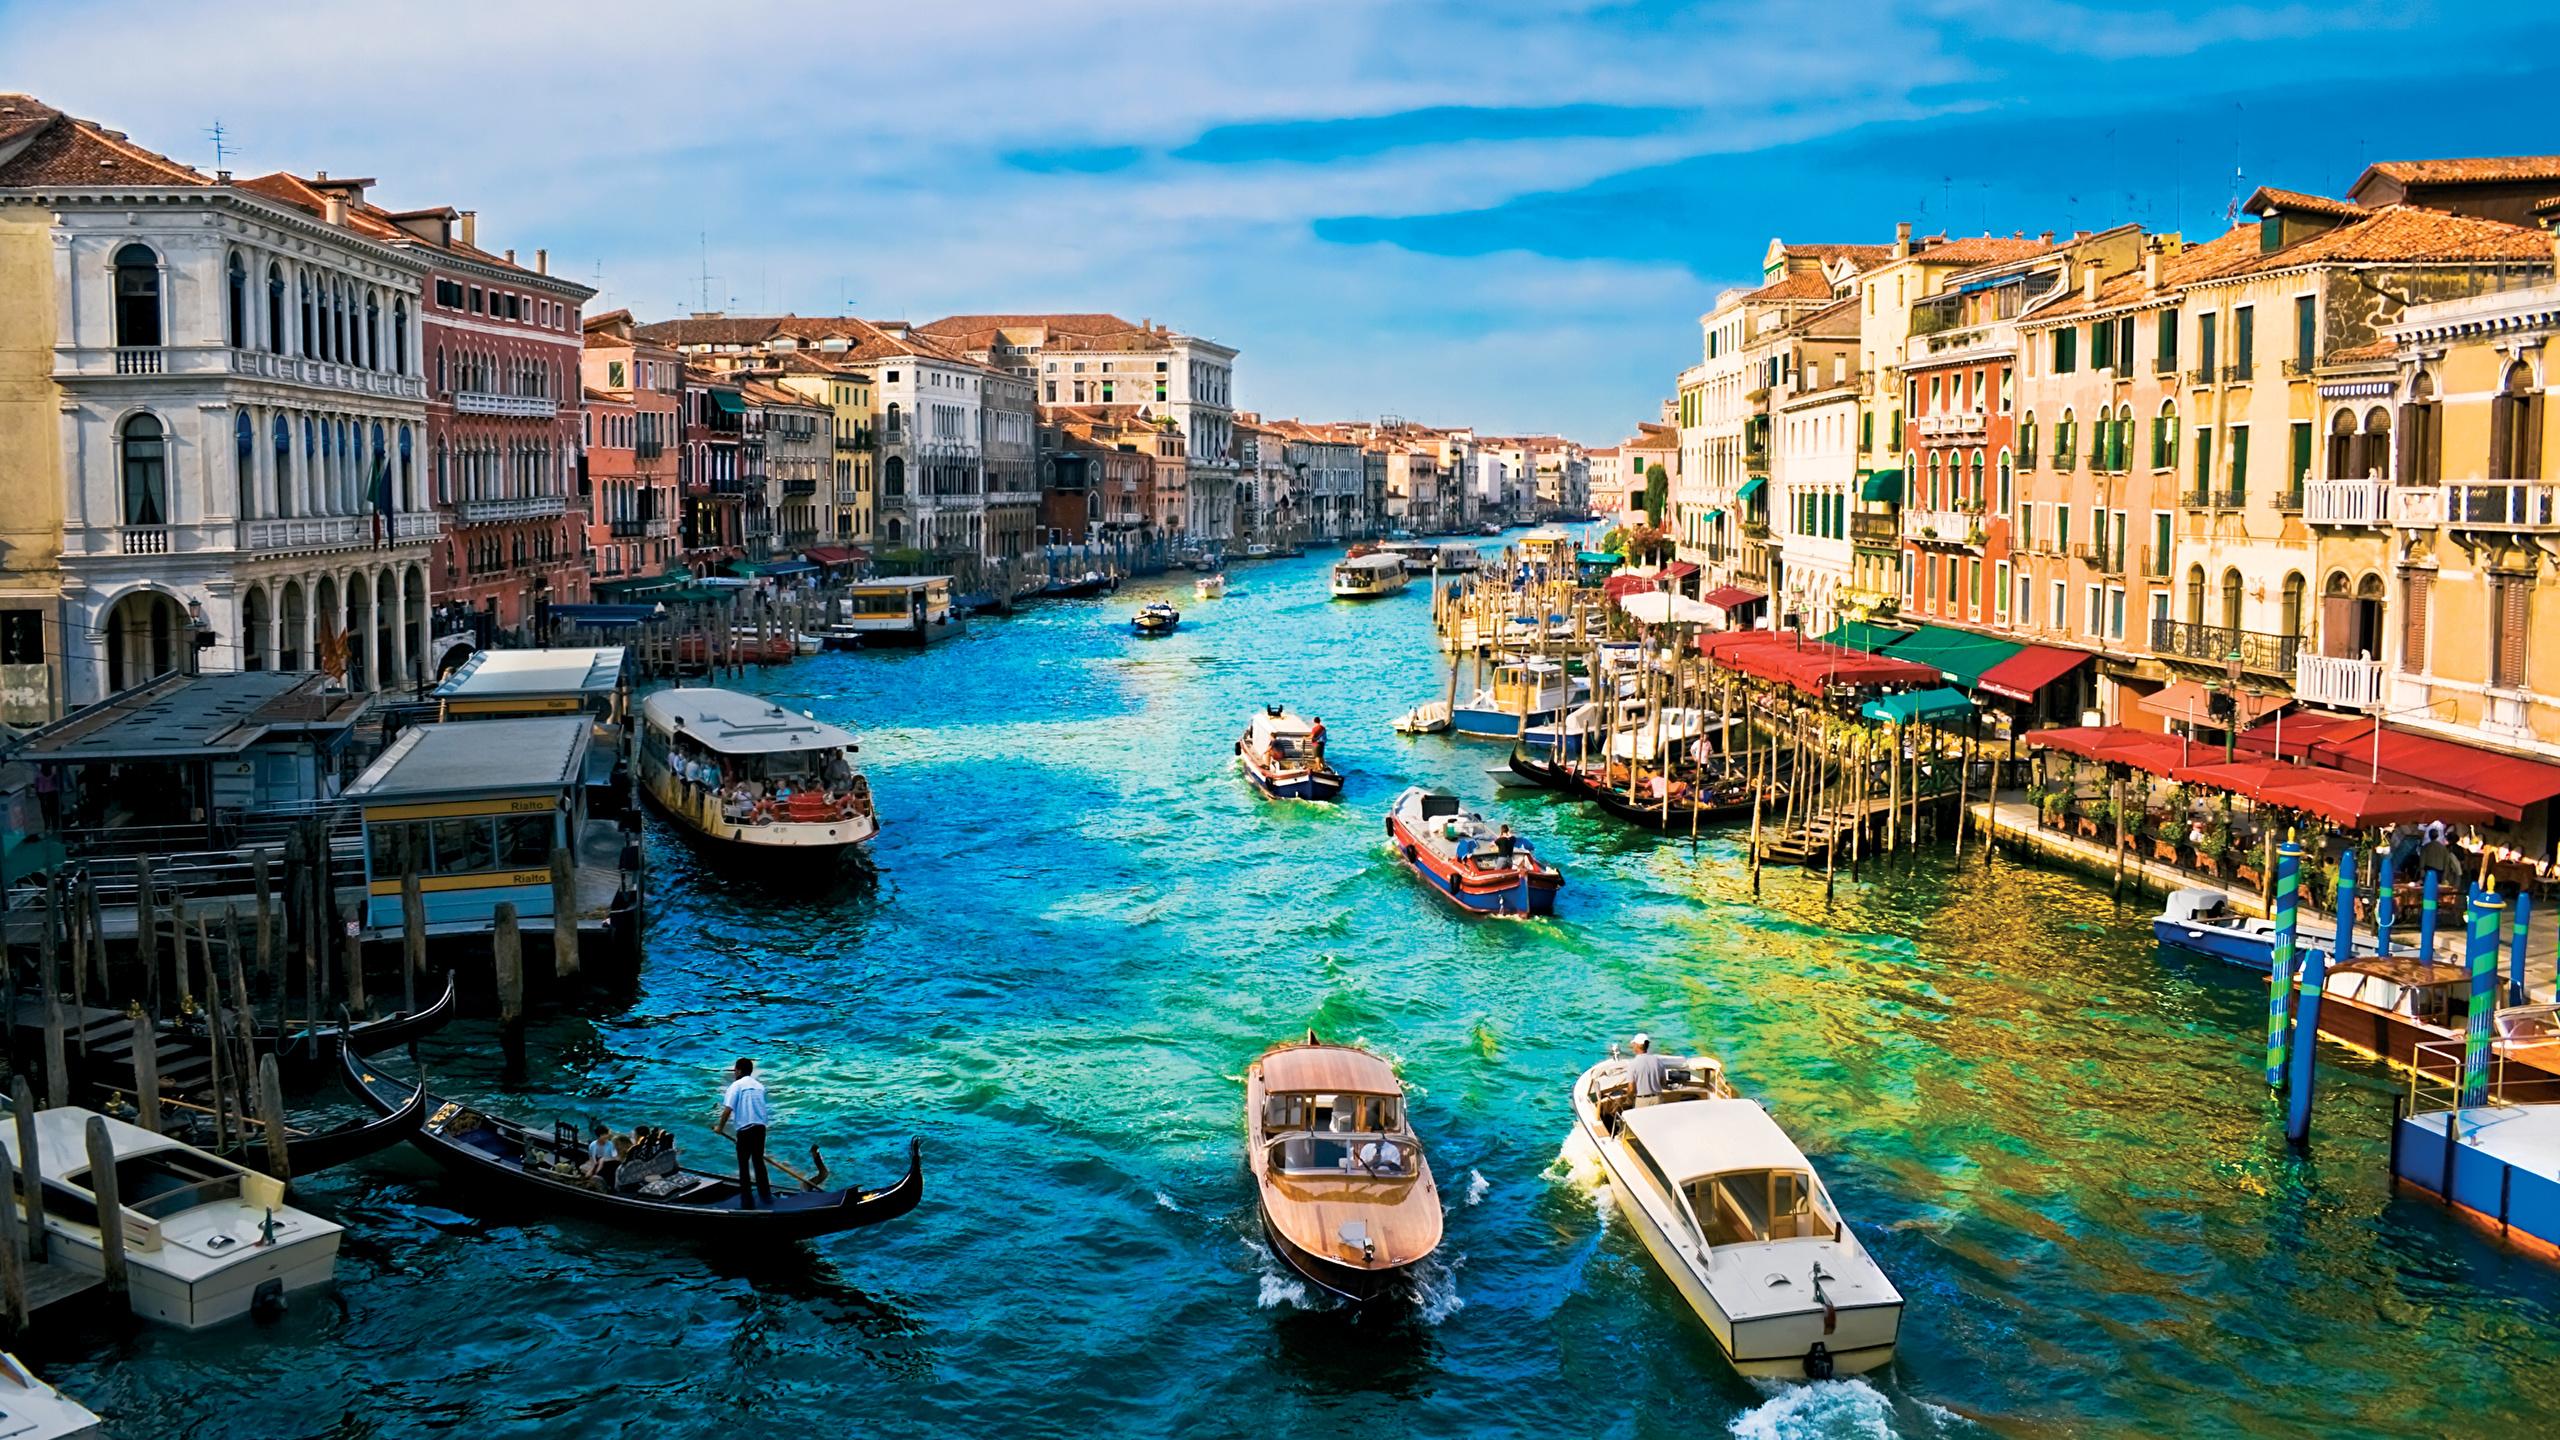 Обои канал, венеция, лодки, дома. Города foto 13